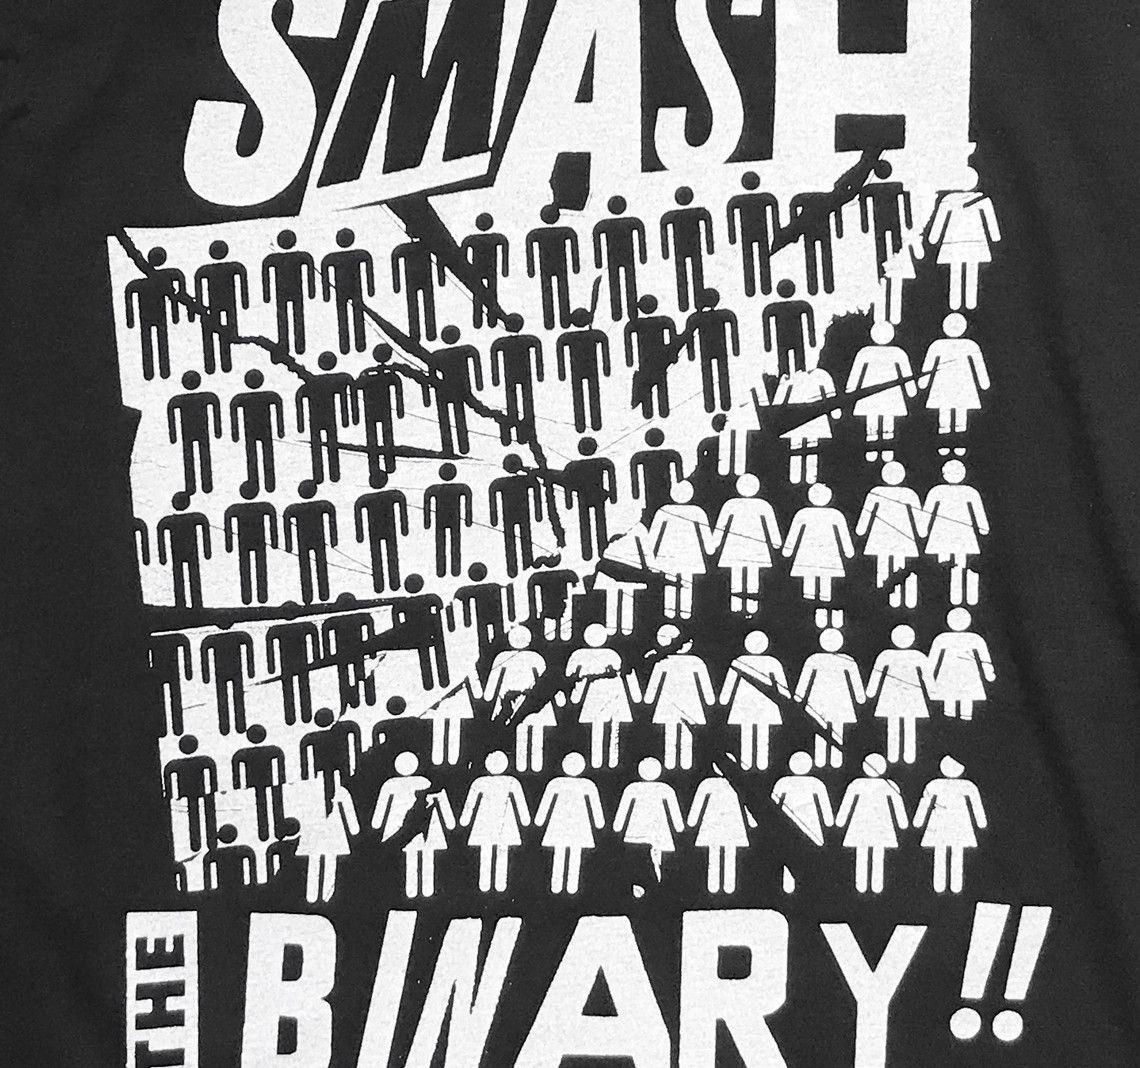 c54bdb7692a Smash the Binary T-Shirt - Black - T-Shirts - Revel   Riot Online ...